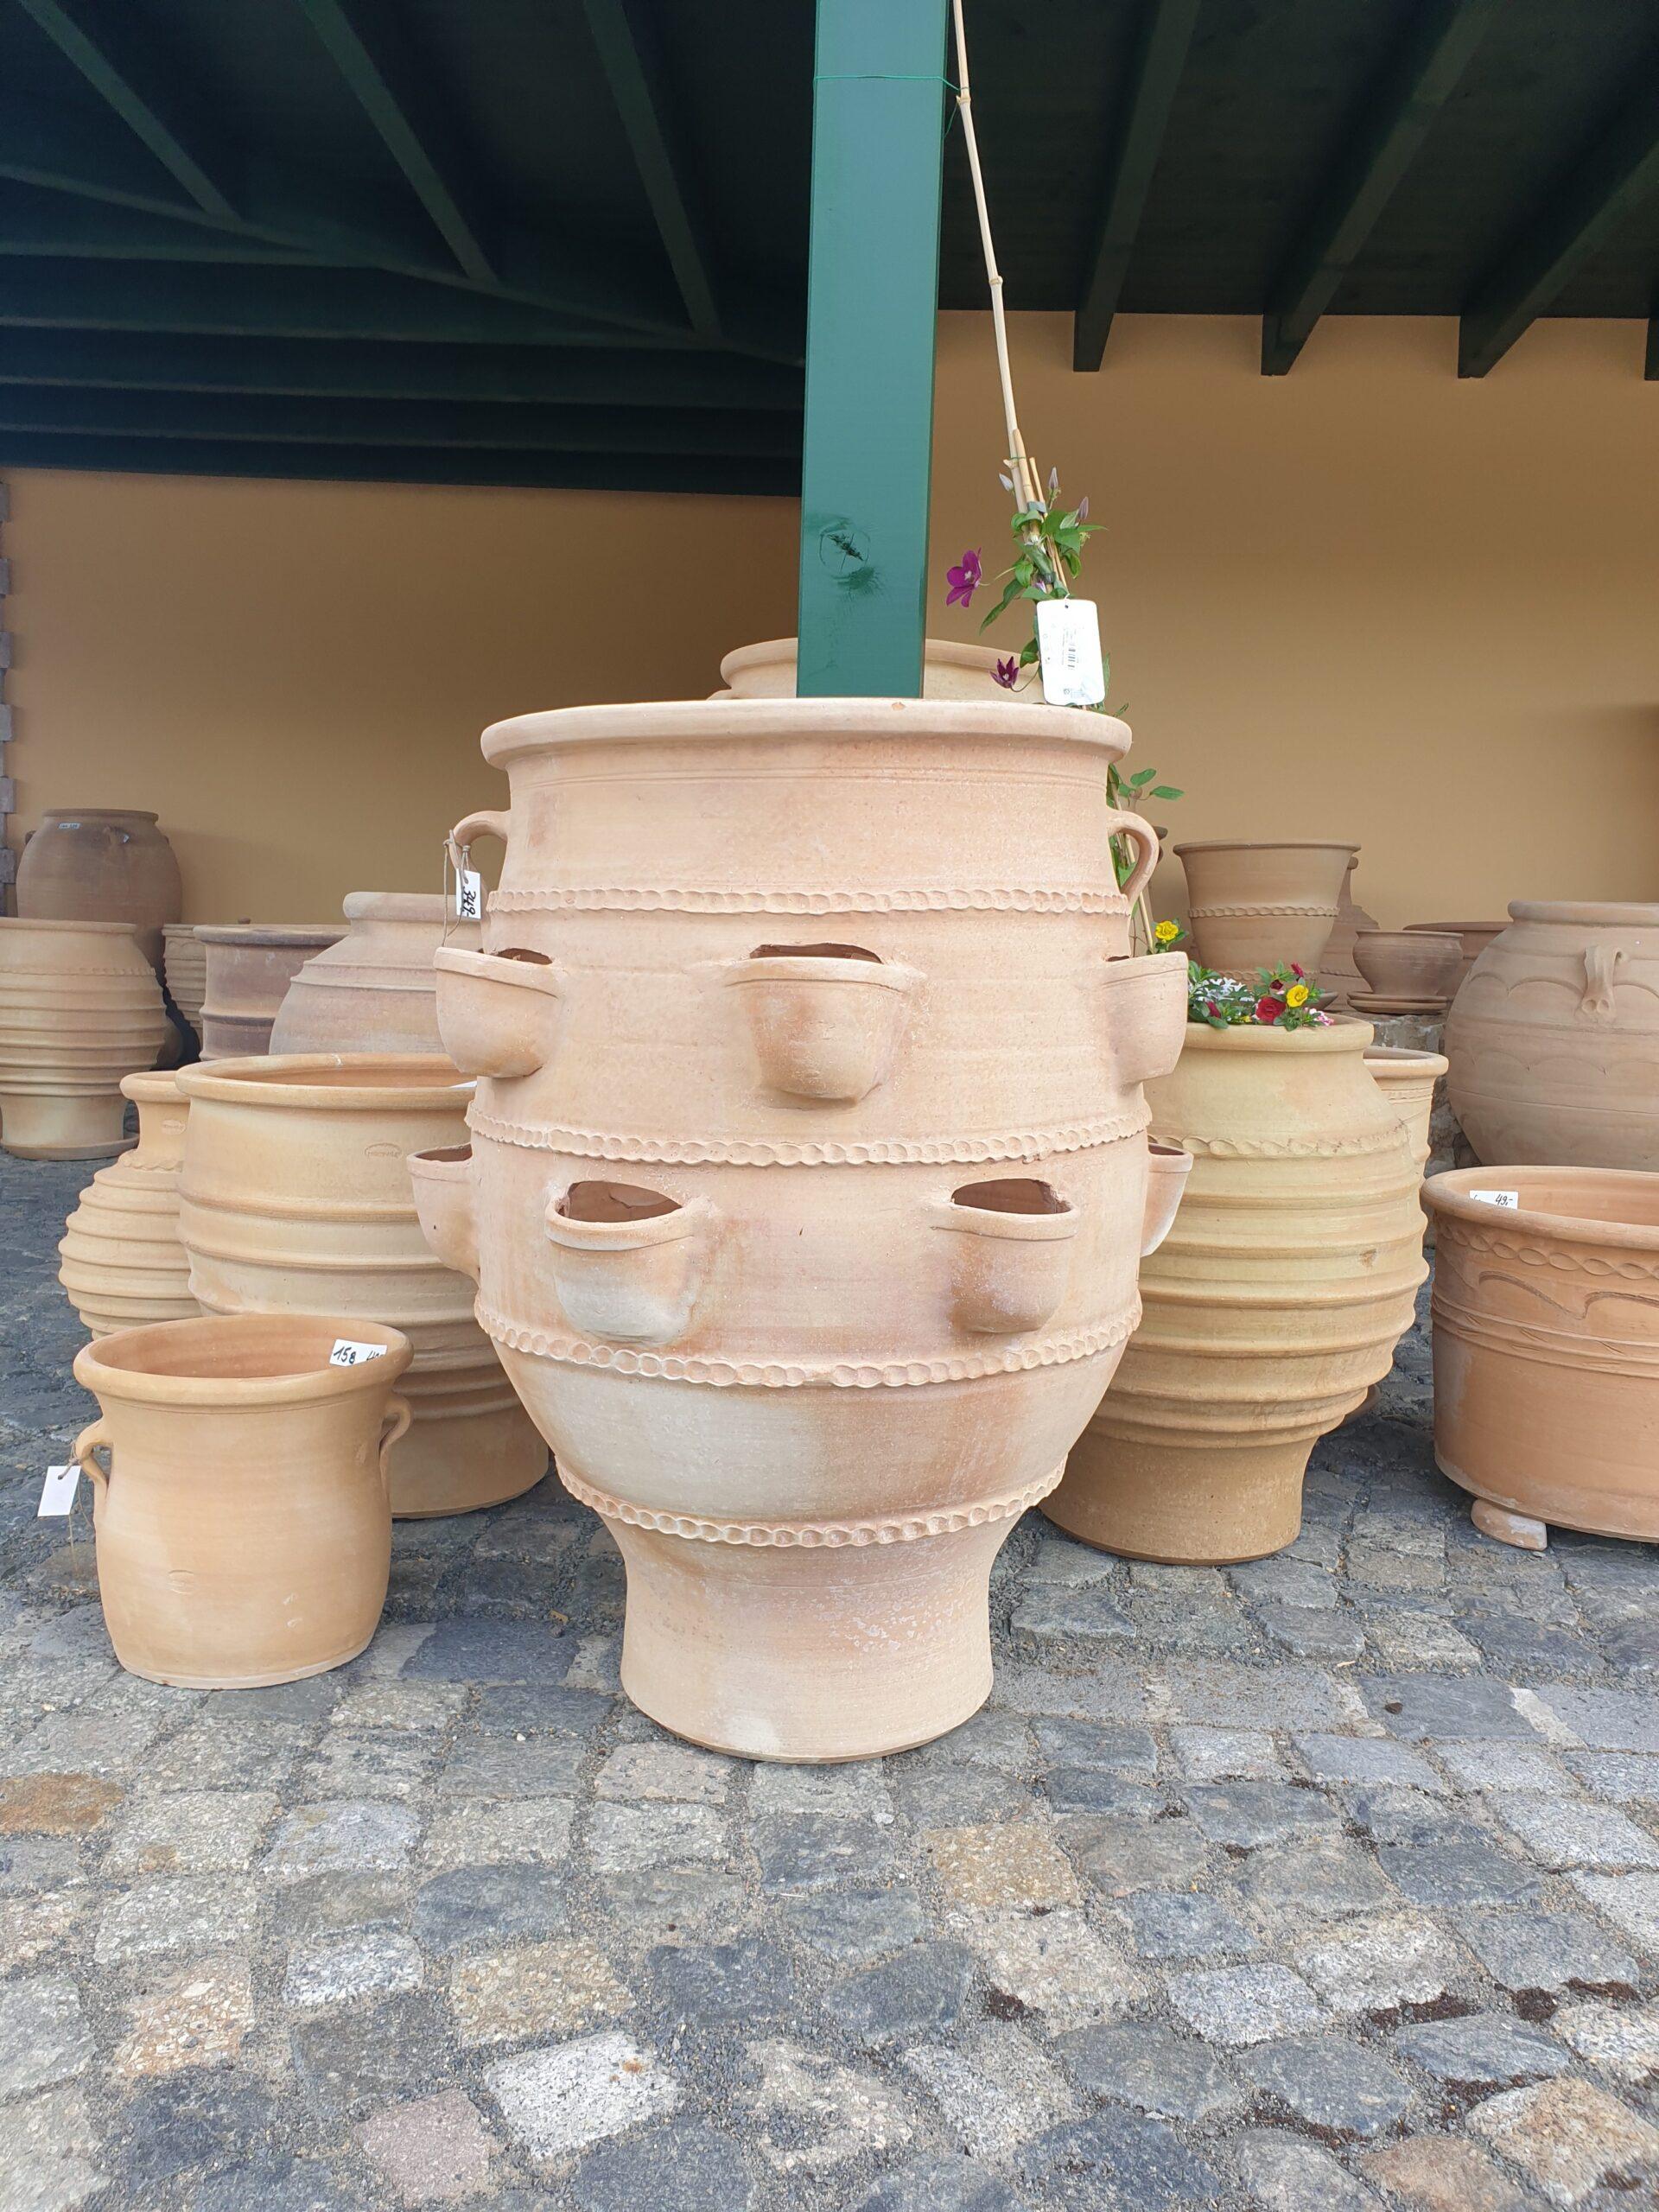 Full Size of Kräutertopf Keramik Krutertopf Pflanztopf Naturstein Centrum Lpm Waschbecken Küche Wohnzimmer Kräutertopf Keramik